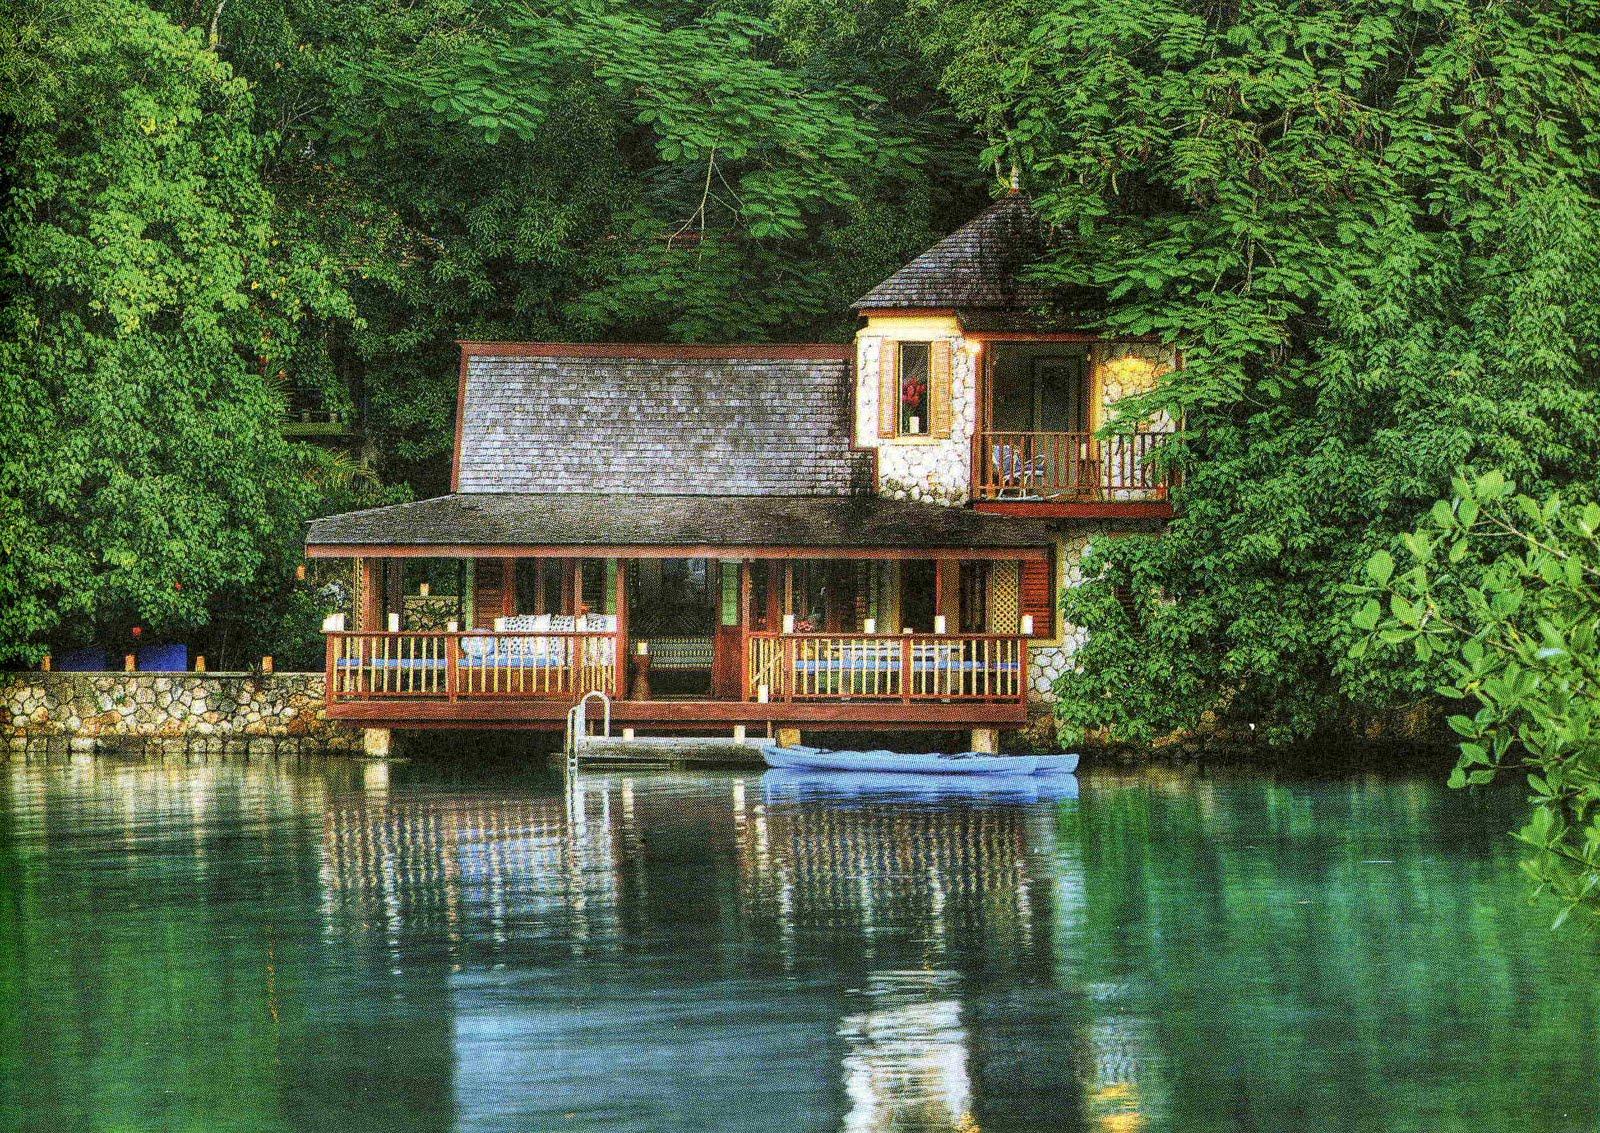 TU LUGAR A DONDE IR: HOTEL GOLDENEYE - ST. MARY, JAMAICA